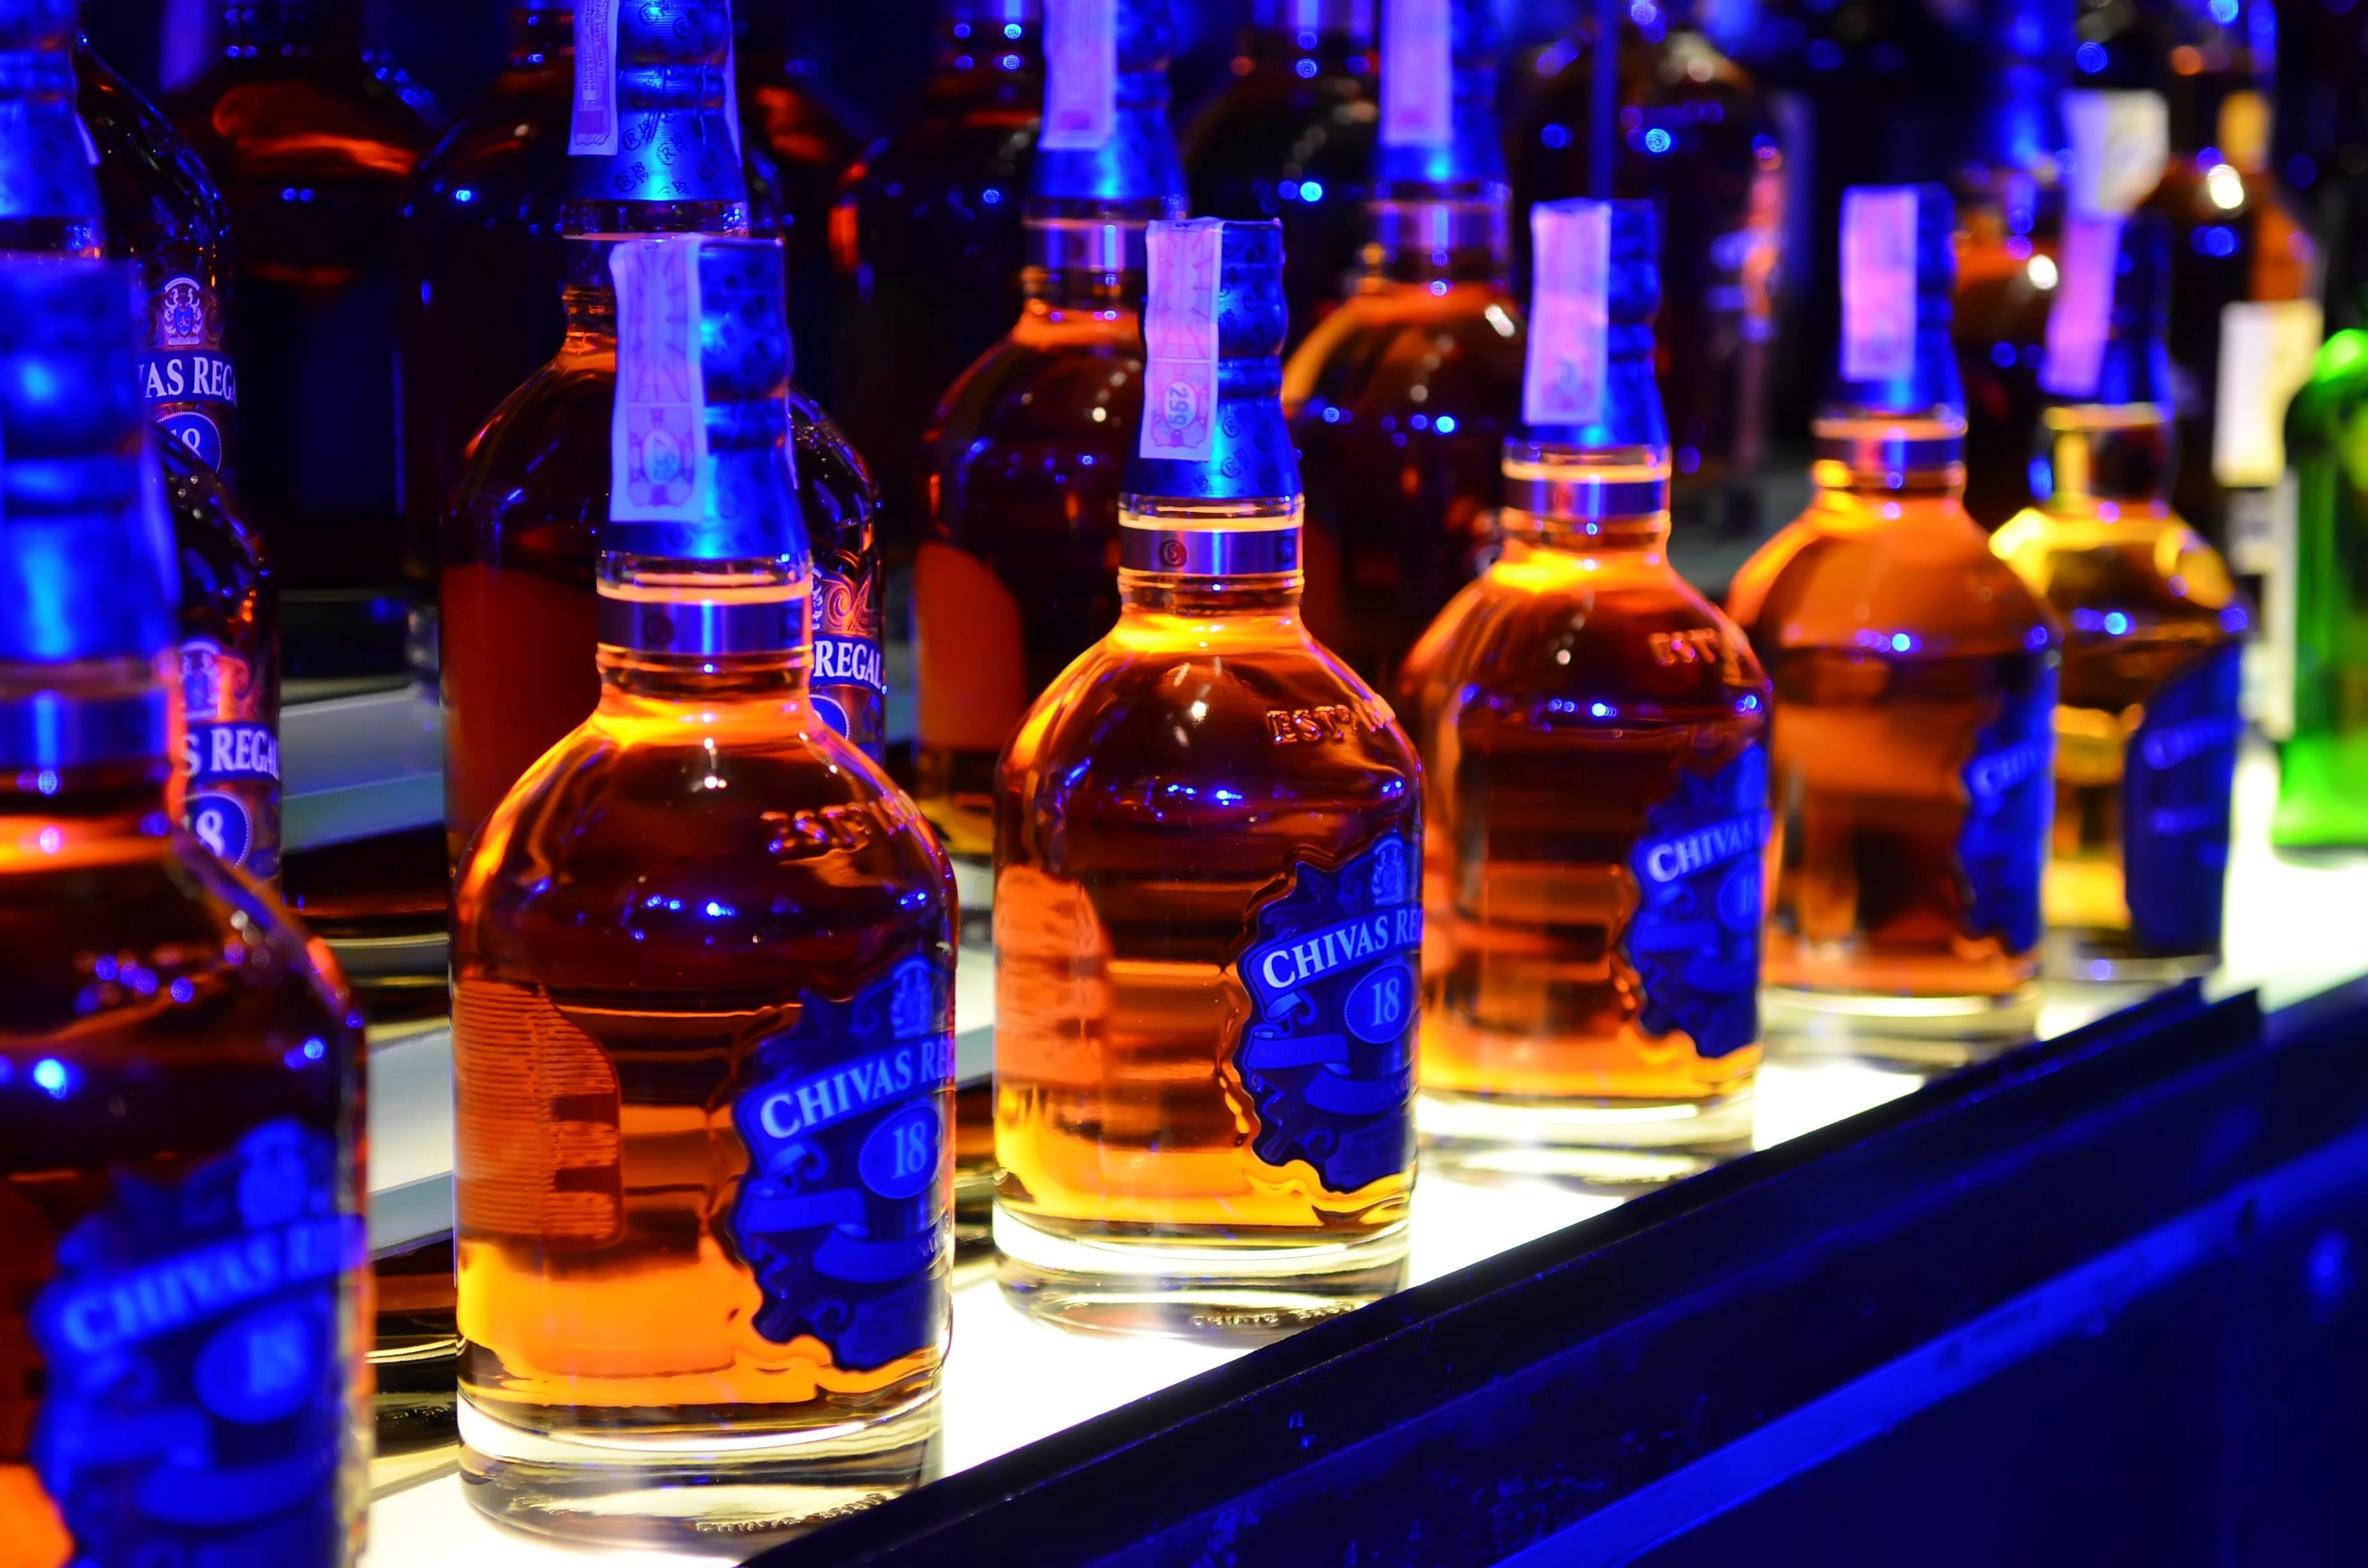 Hướng dẫn cách nhận biết, phân biệt rượu chivas 18 thật giả